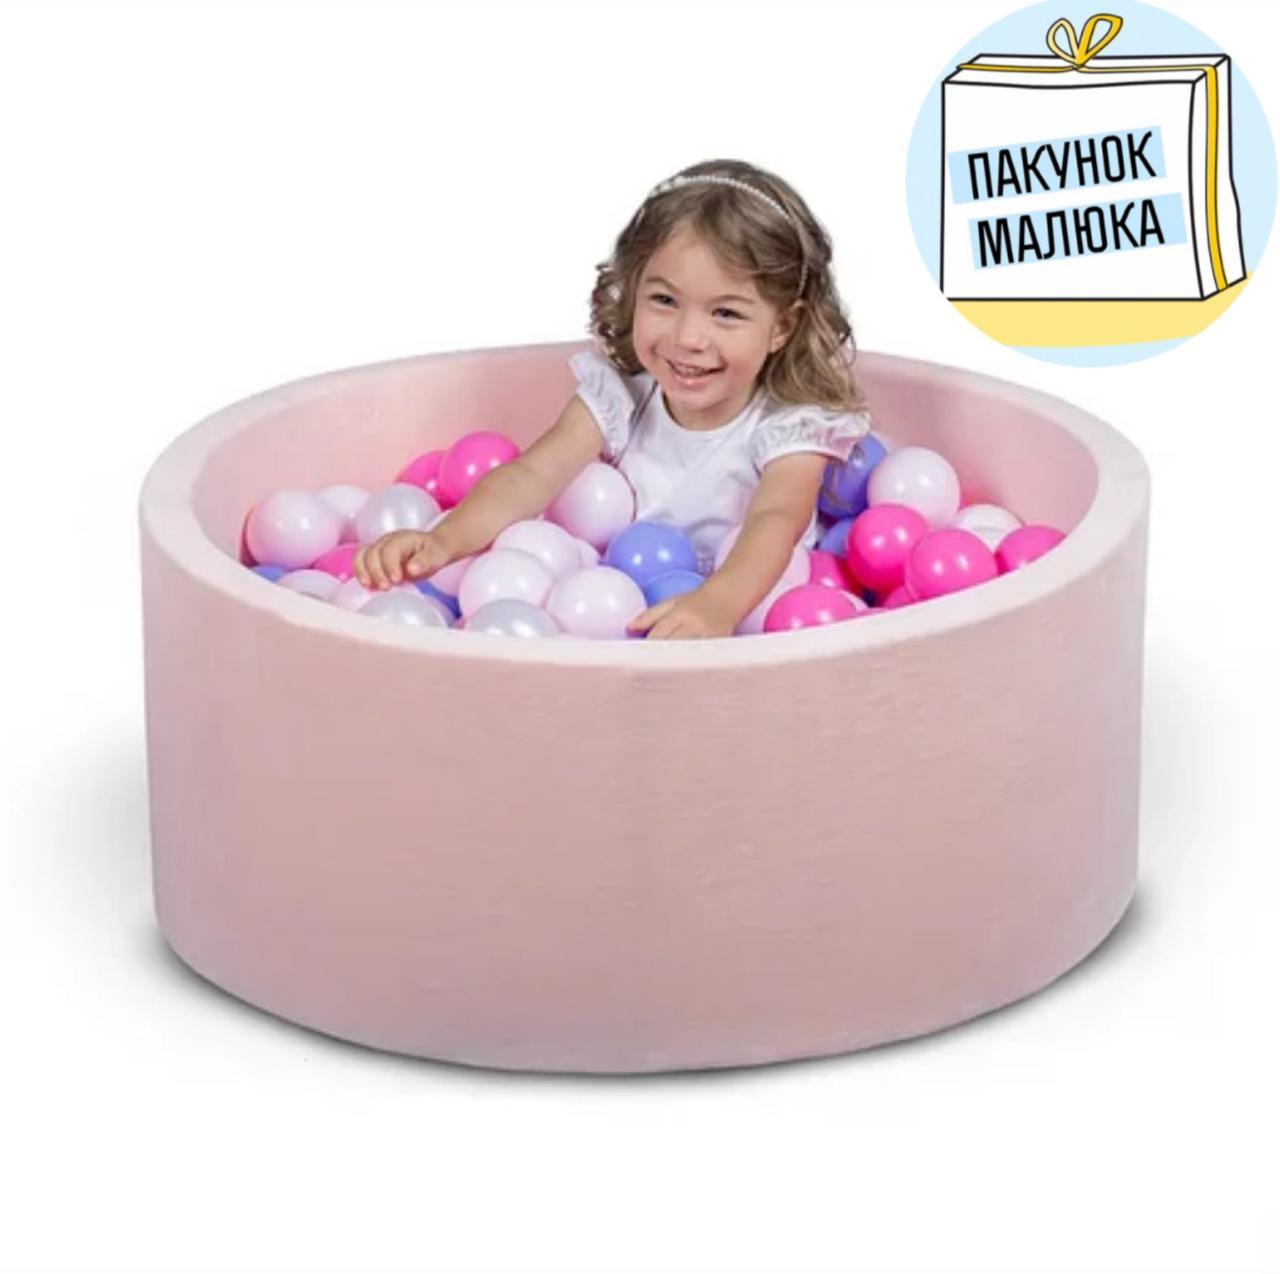 Сухий басейн ігровий! Ніжно - рожевий